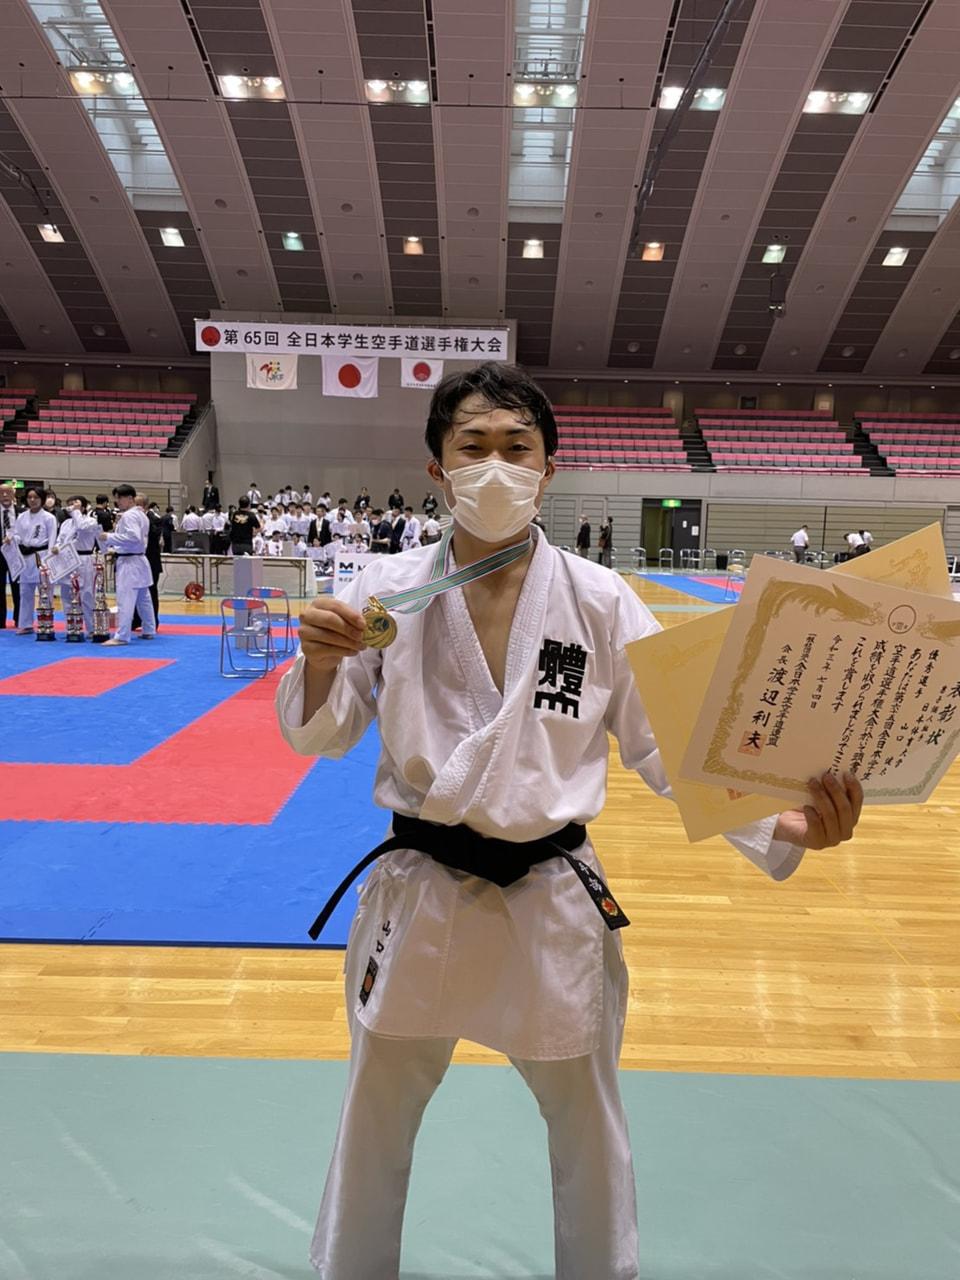 第65回全日本学生空手道選手権大会